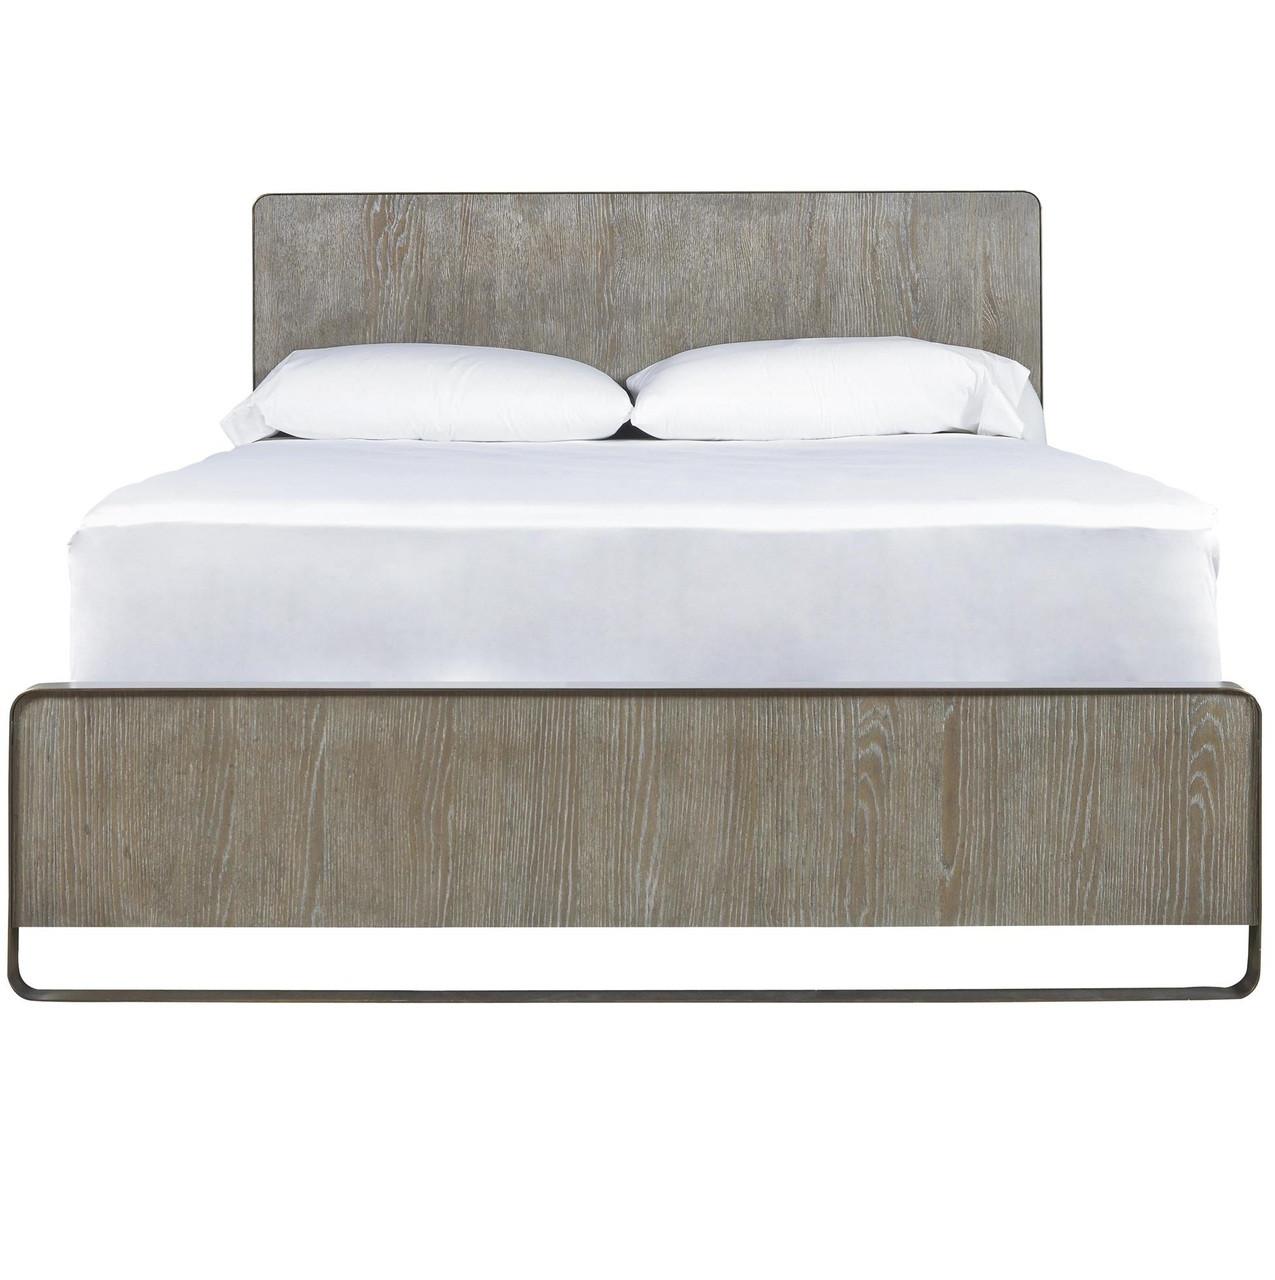 Wilshire Modern Oak Wood And Metal Platform Bed Frames